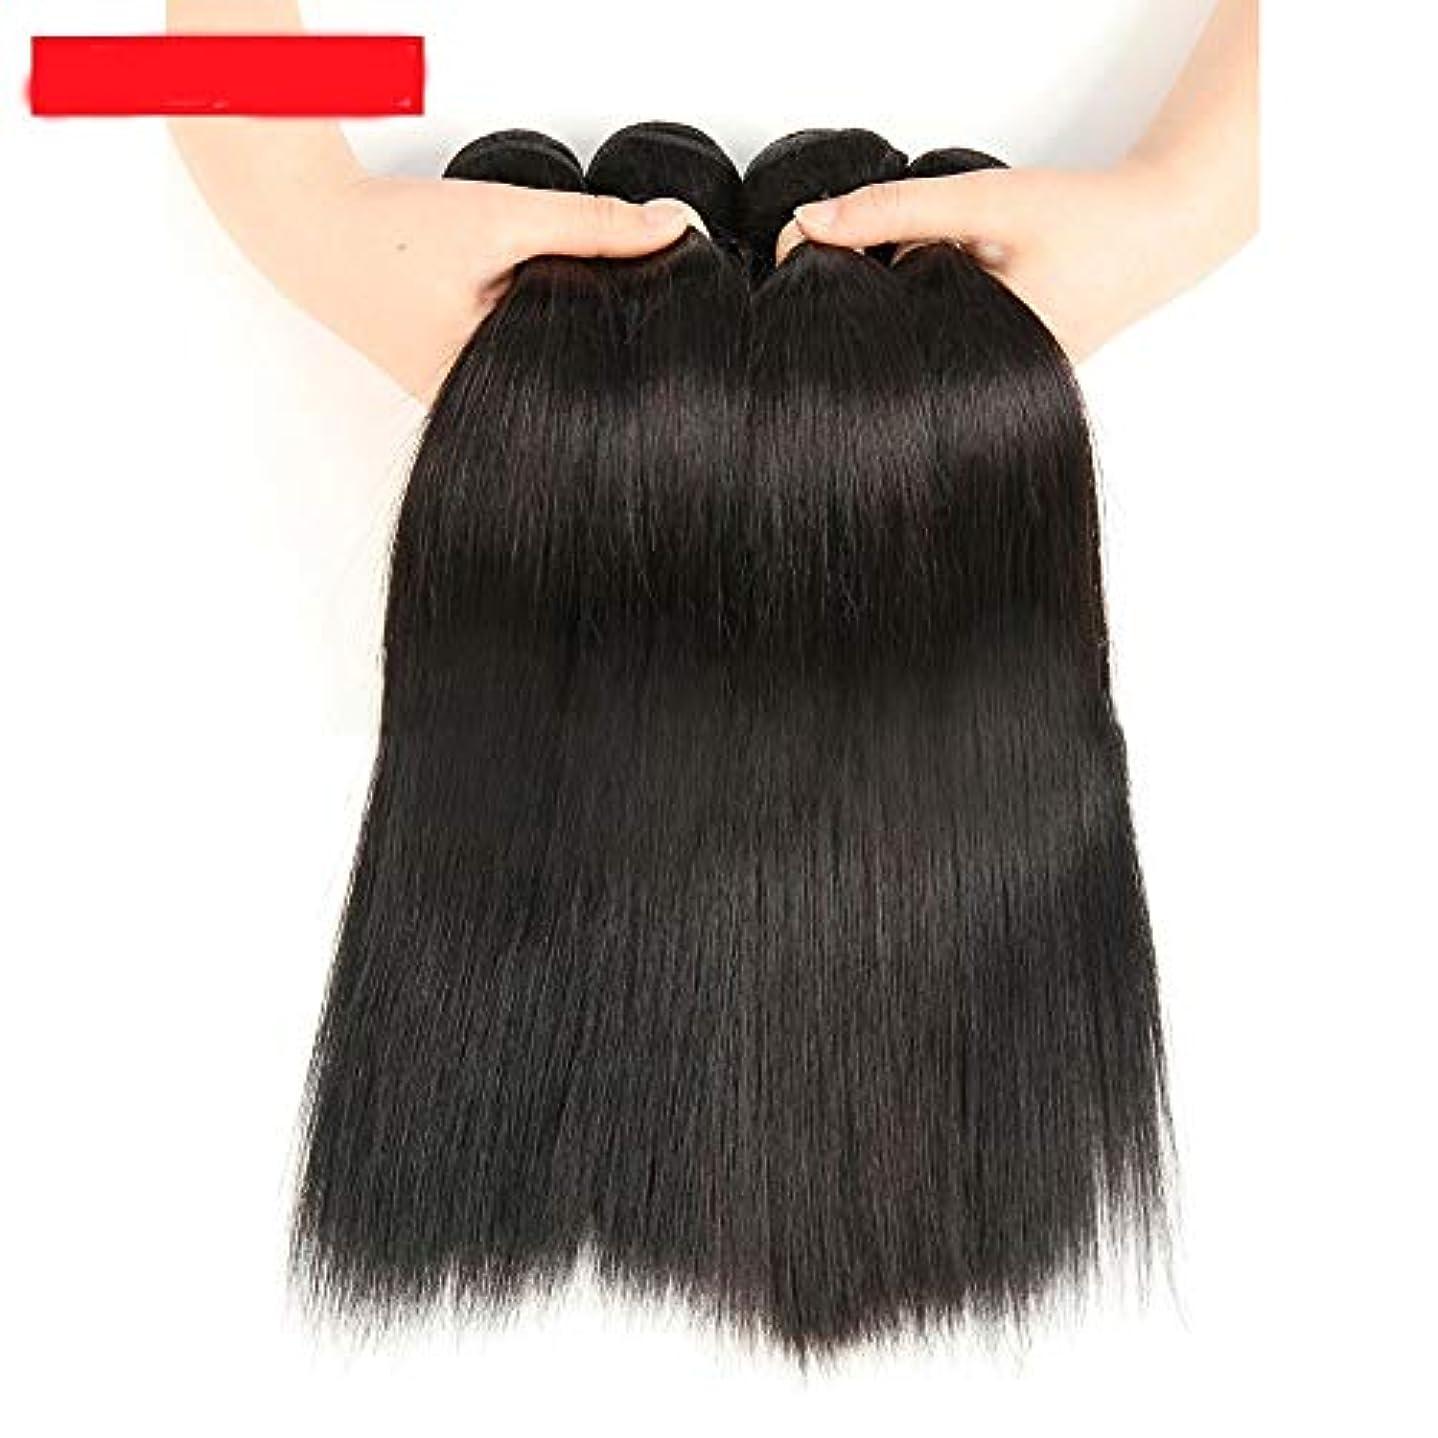 Goodsok-jp 100%加工されていないブラジルの毛の束ブラジルのストレート人間の髪の毛1バンドル自然黒10-28インチ100 g (色 : 黒, サイズ : 24 inch)